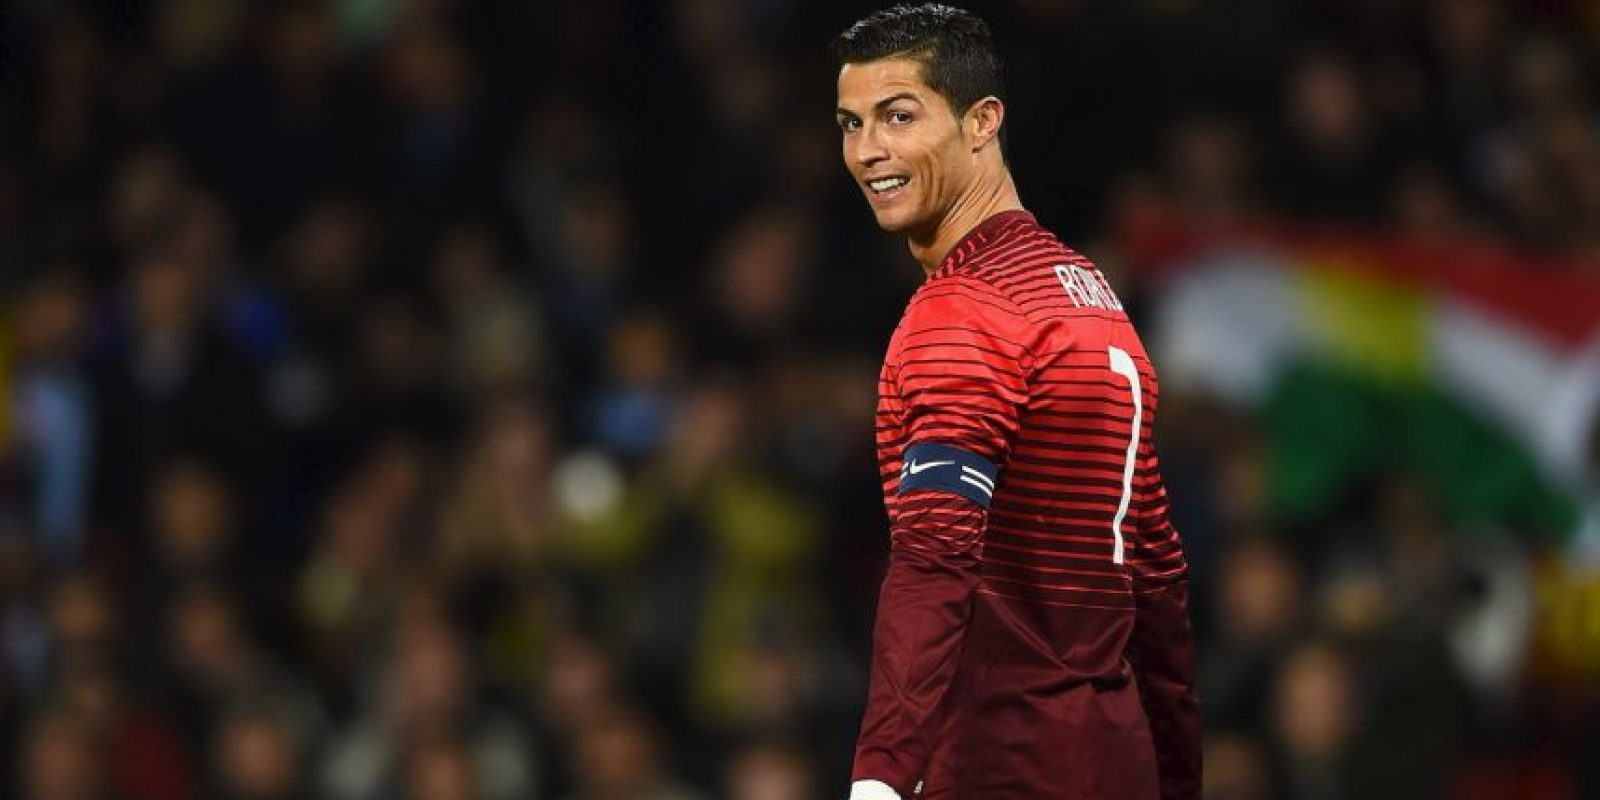 El astro portugués ha comandado a Portugal en tres Eurocopa (2004, 2008 y 2012) y estuvo cerca de título en la primera que disputó, pero cayó con Portugal en la final ante Grecia. Ahora va por su cuarto torneo continental y espera darle el primer título a su país Foto:Getty Images